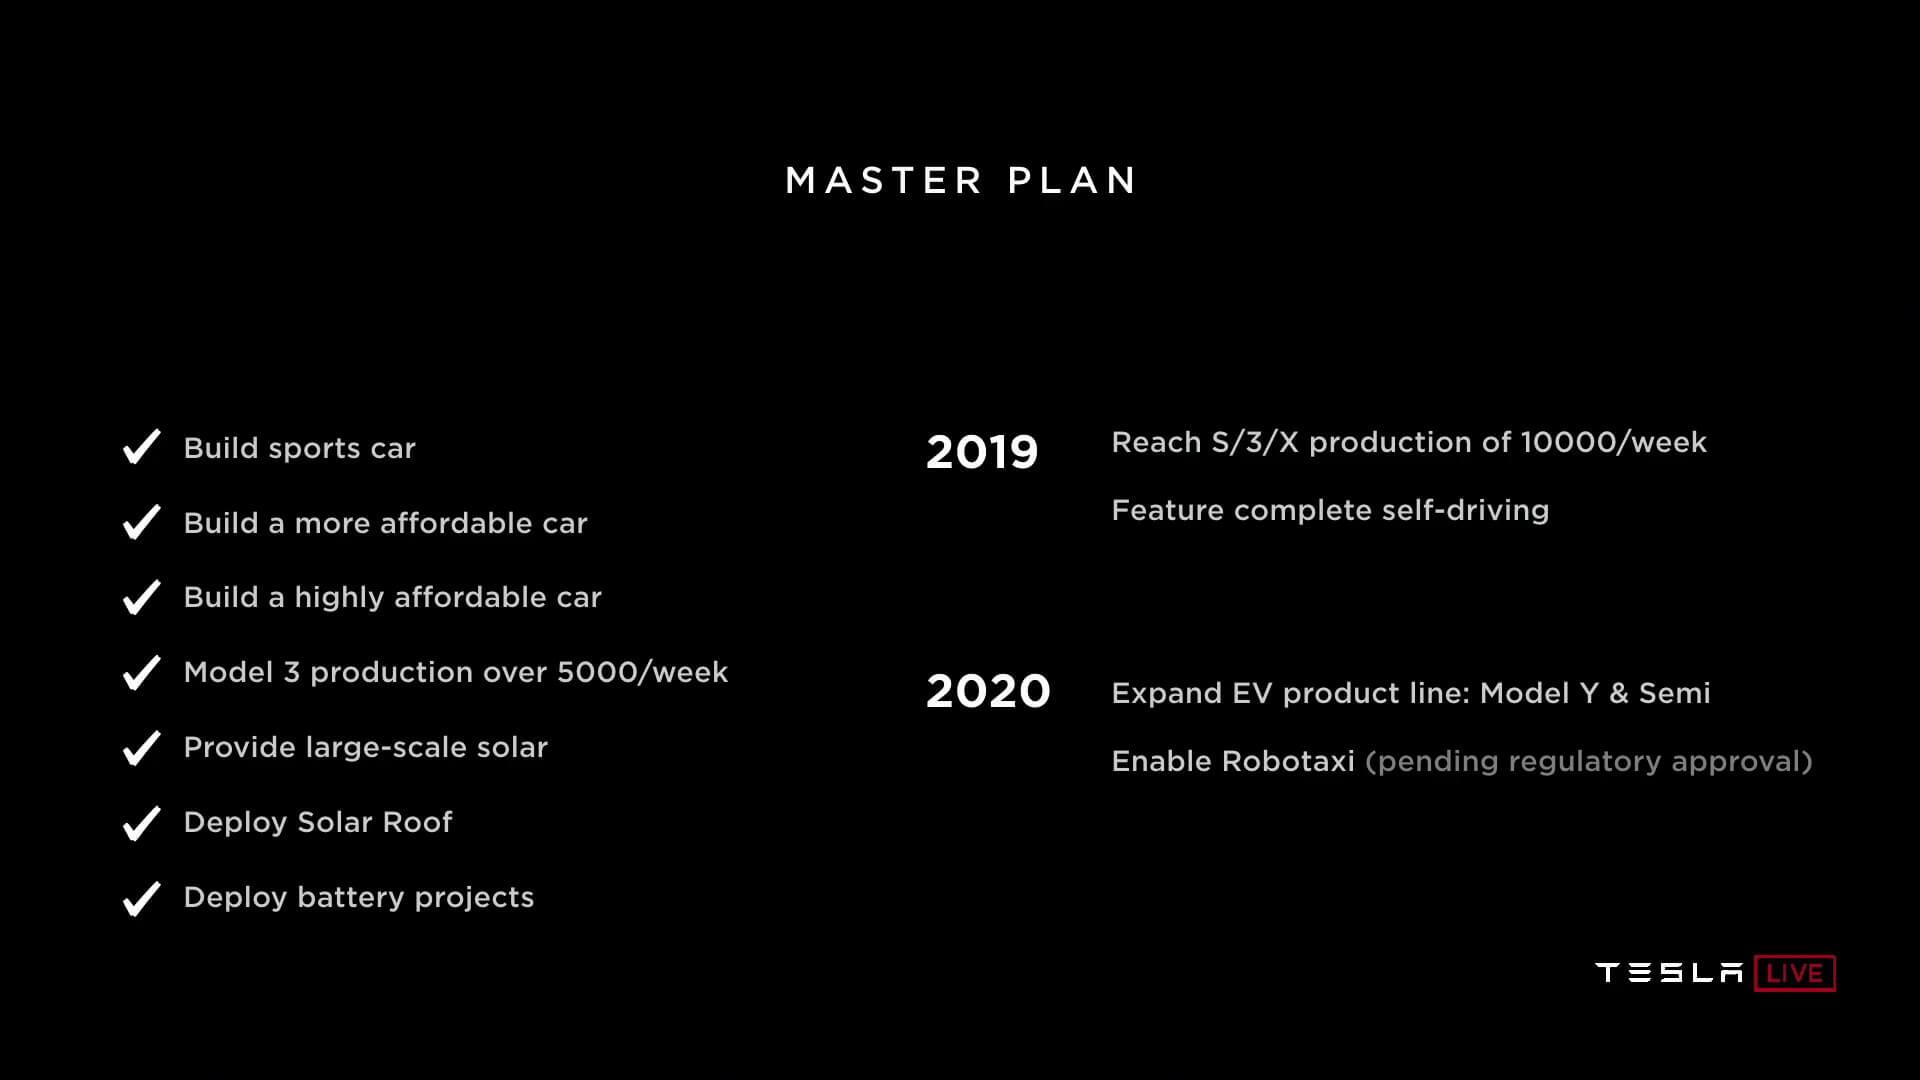 Мастер план Tesla